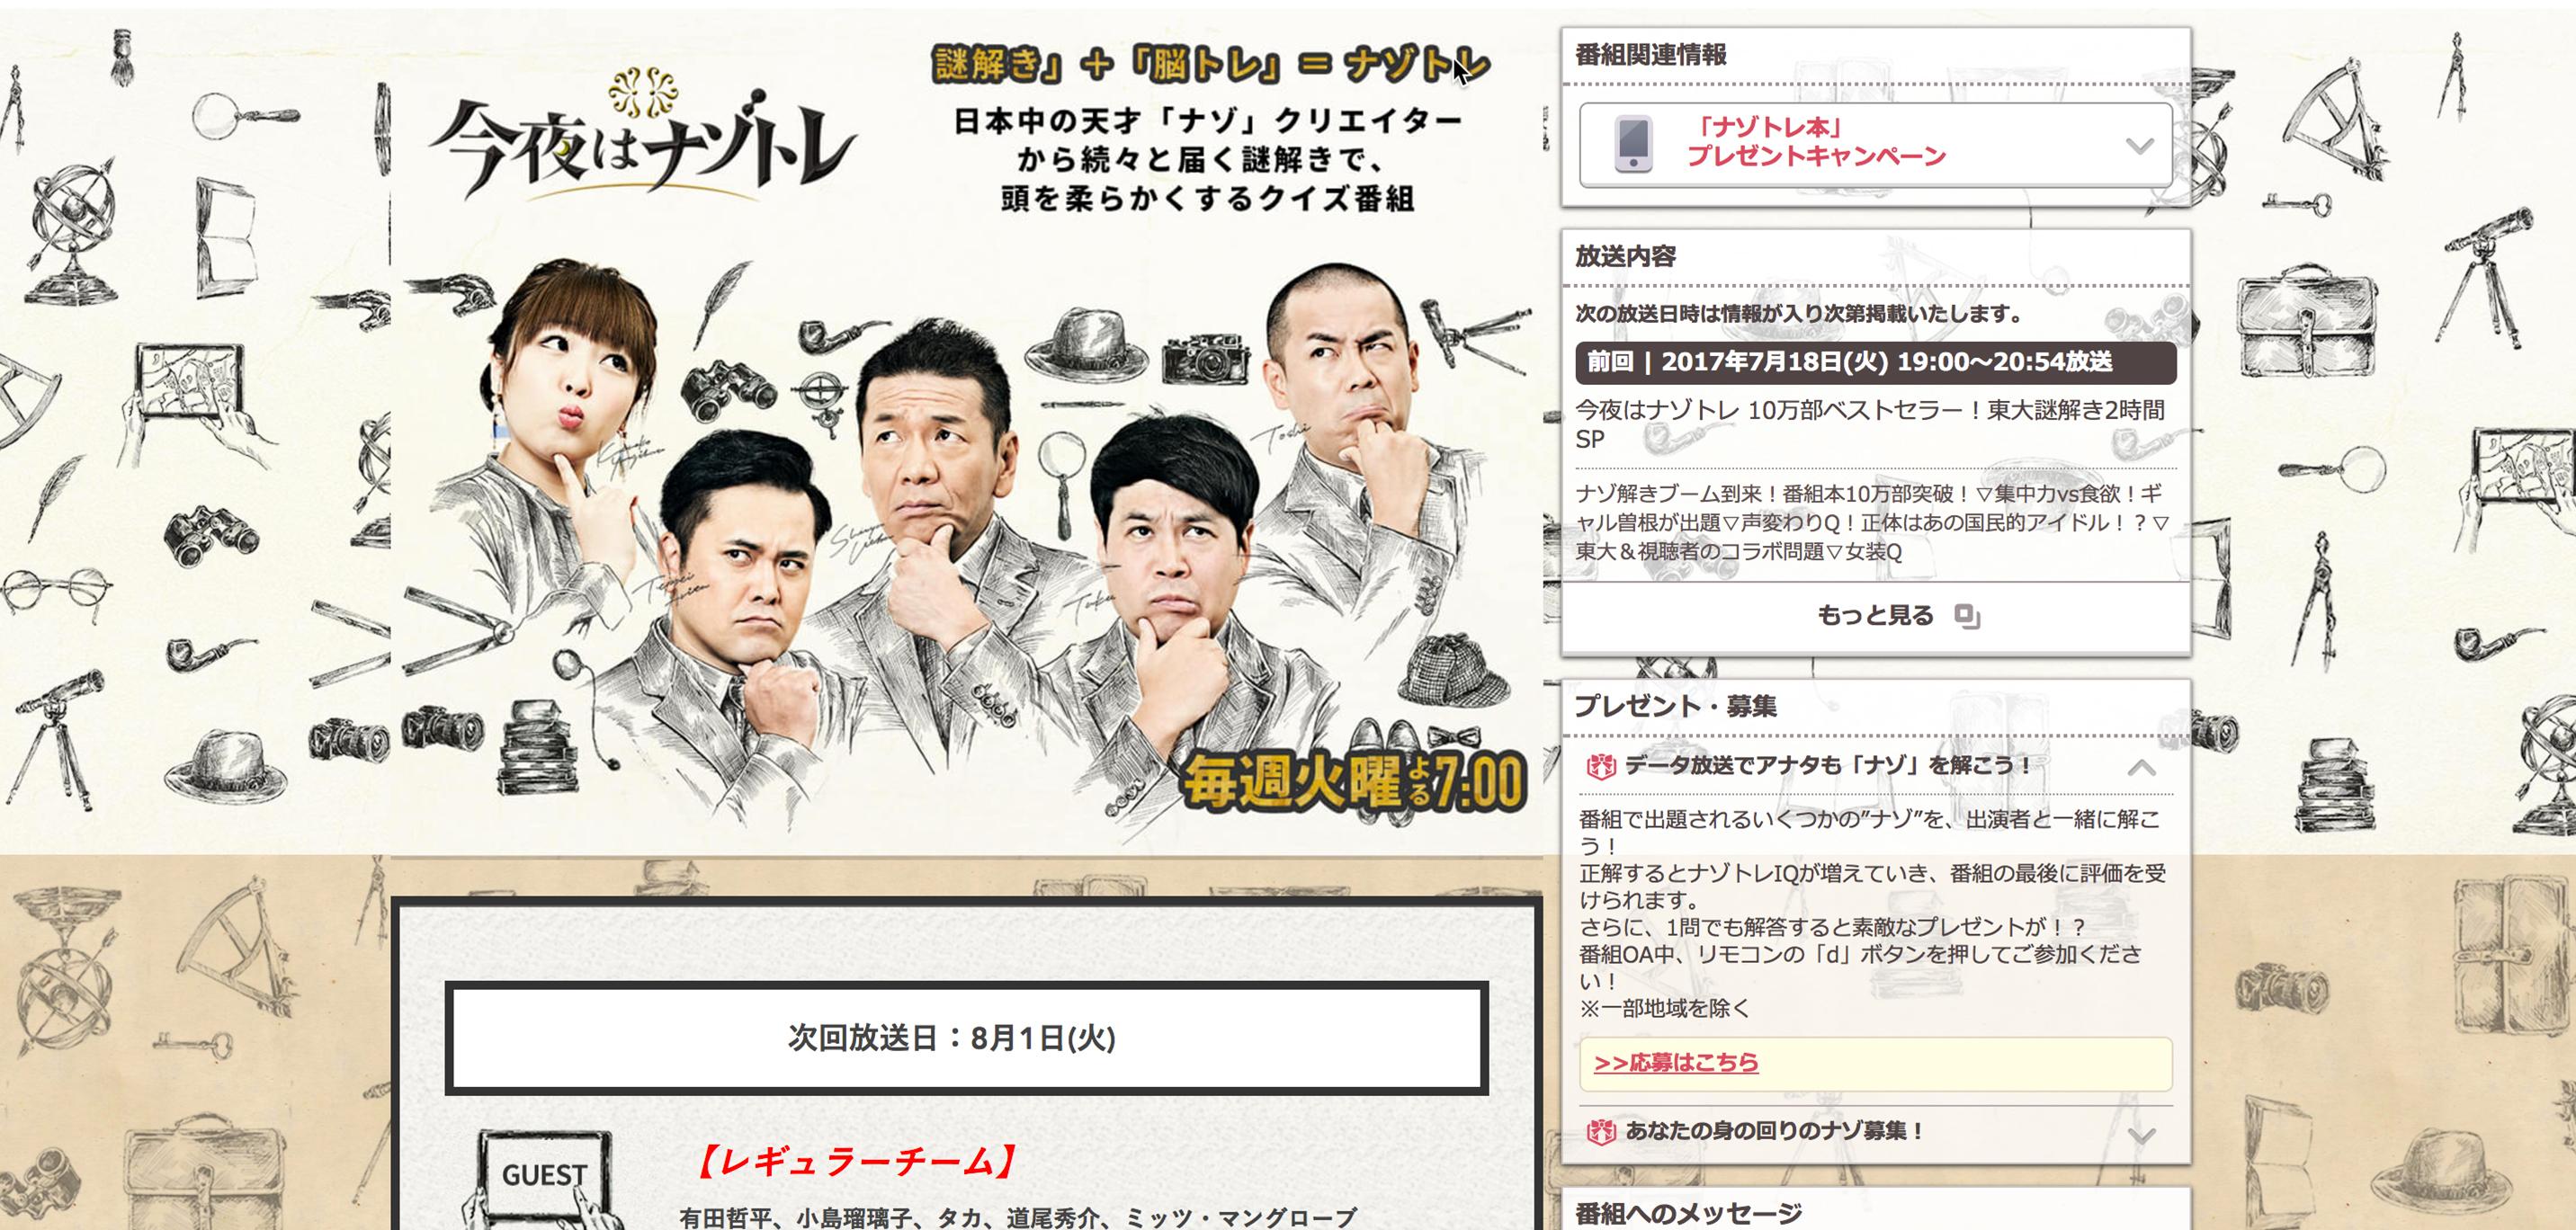 フジテレビ今夜は謎トレ-2017年7月18日(火)